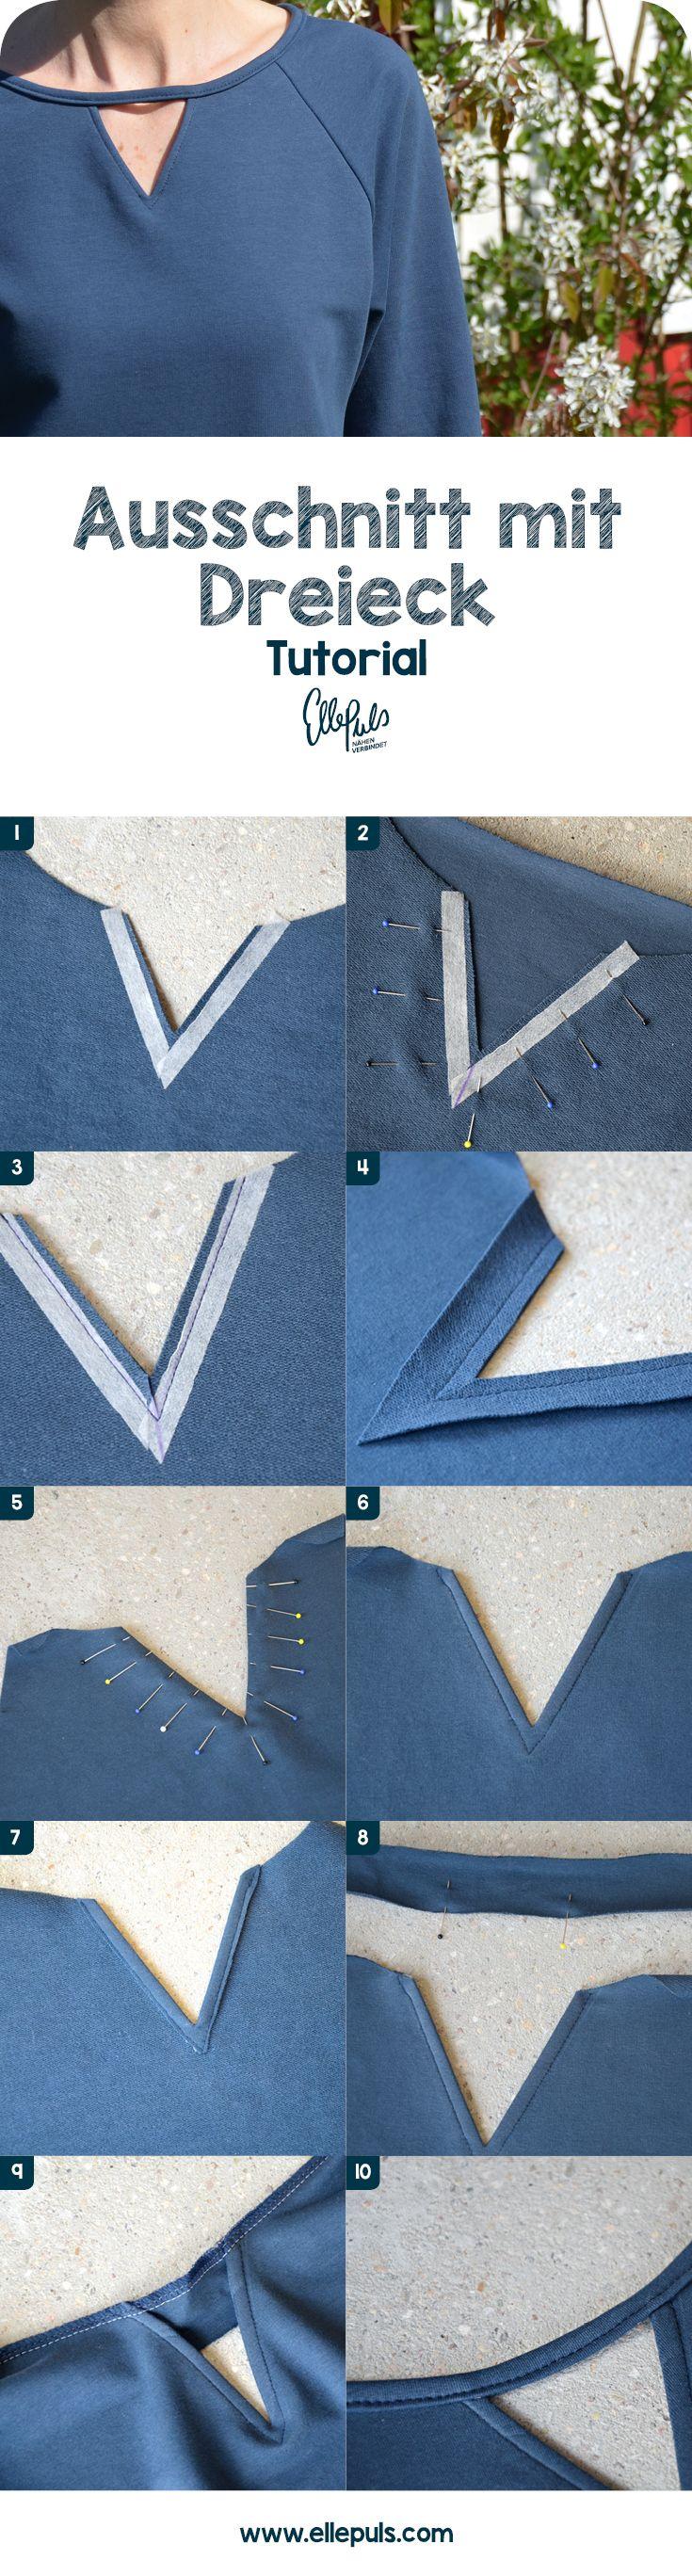 """""""Mach mehr aus deinen Schnittmustern"""".Das ist zurzeit mein Credo. Heute zeige ich dir wie du einen Ausschnitt mit Dreieck nähen kannst. Diese kleine Ausschnittvariation kommt besonders gut bei einfarbigen Shirts und Kleidern zur Geltung. Dieses Detail rundet mein blaues Sweatkleid ab und gibt auch deinem nächsten Sweatshirt oder -kleid den letzten Kick. Wie ich das…"""